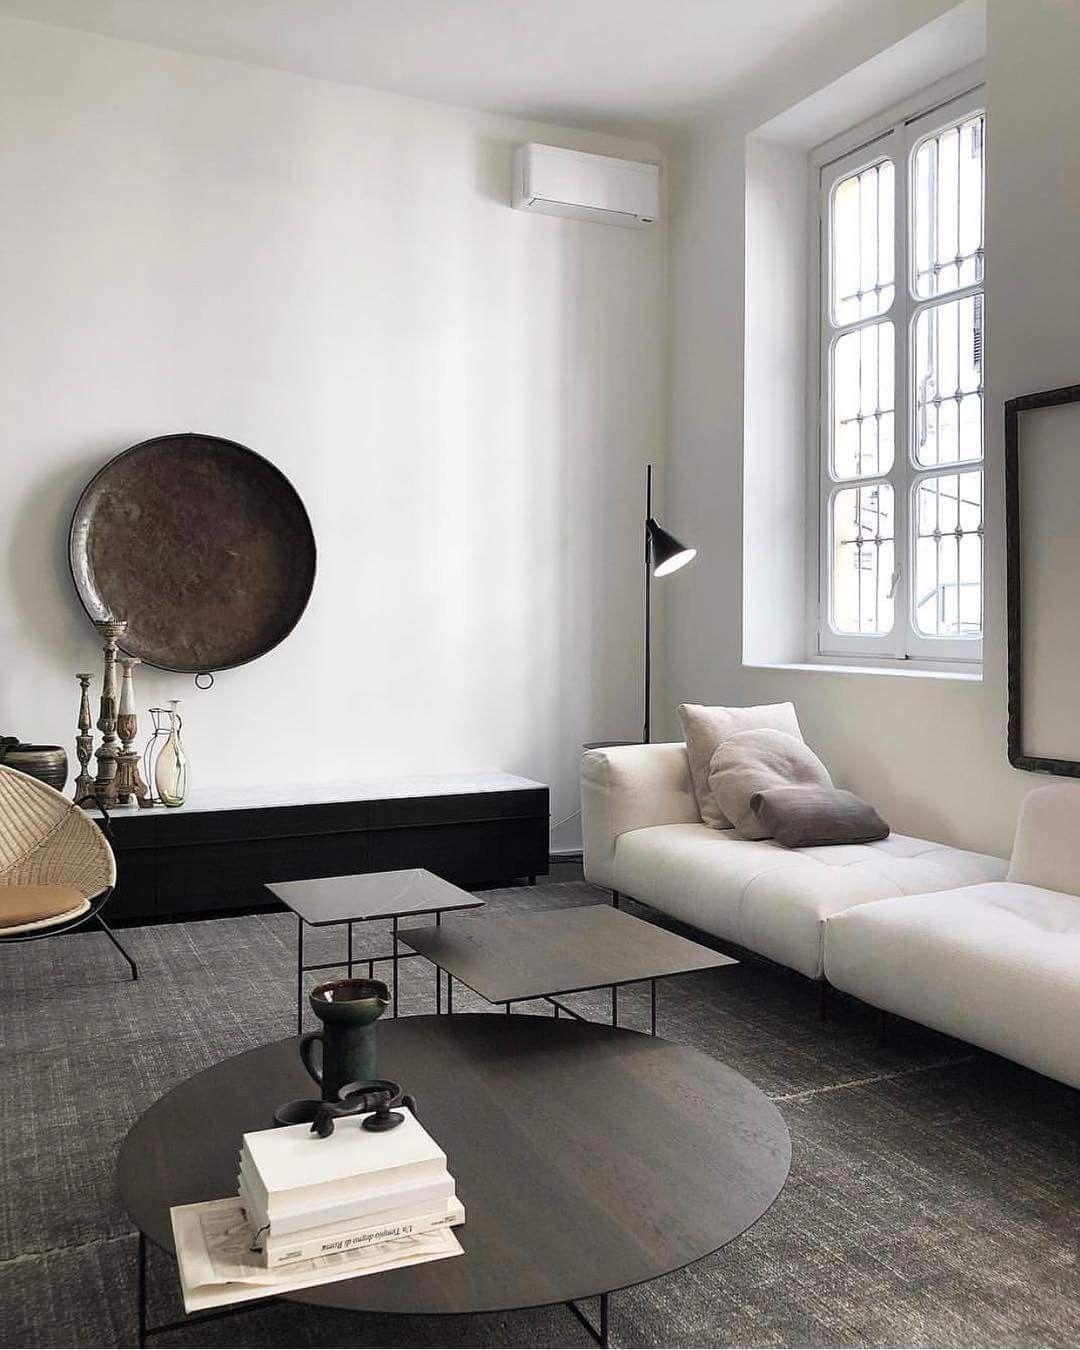 Neue wohnzimmer innenarchitektur pin von heike auf möbel  pinterest  wohnzimmer design und wohnen